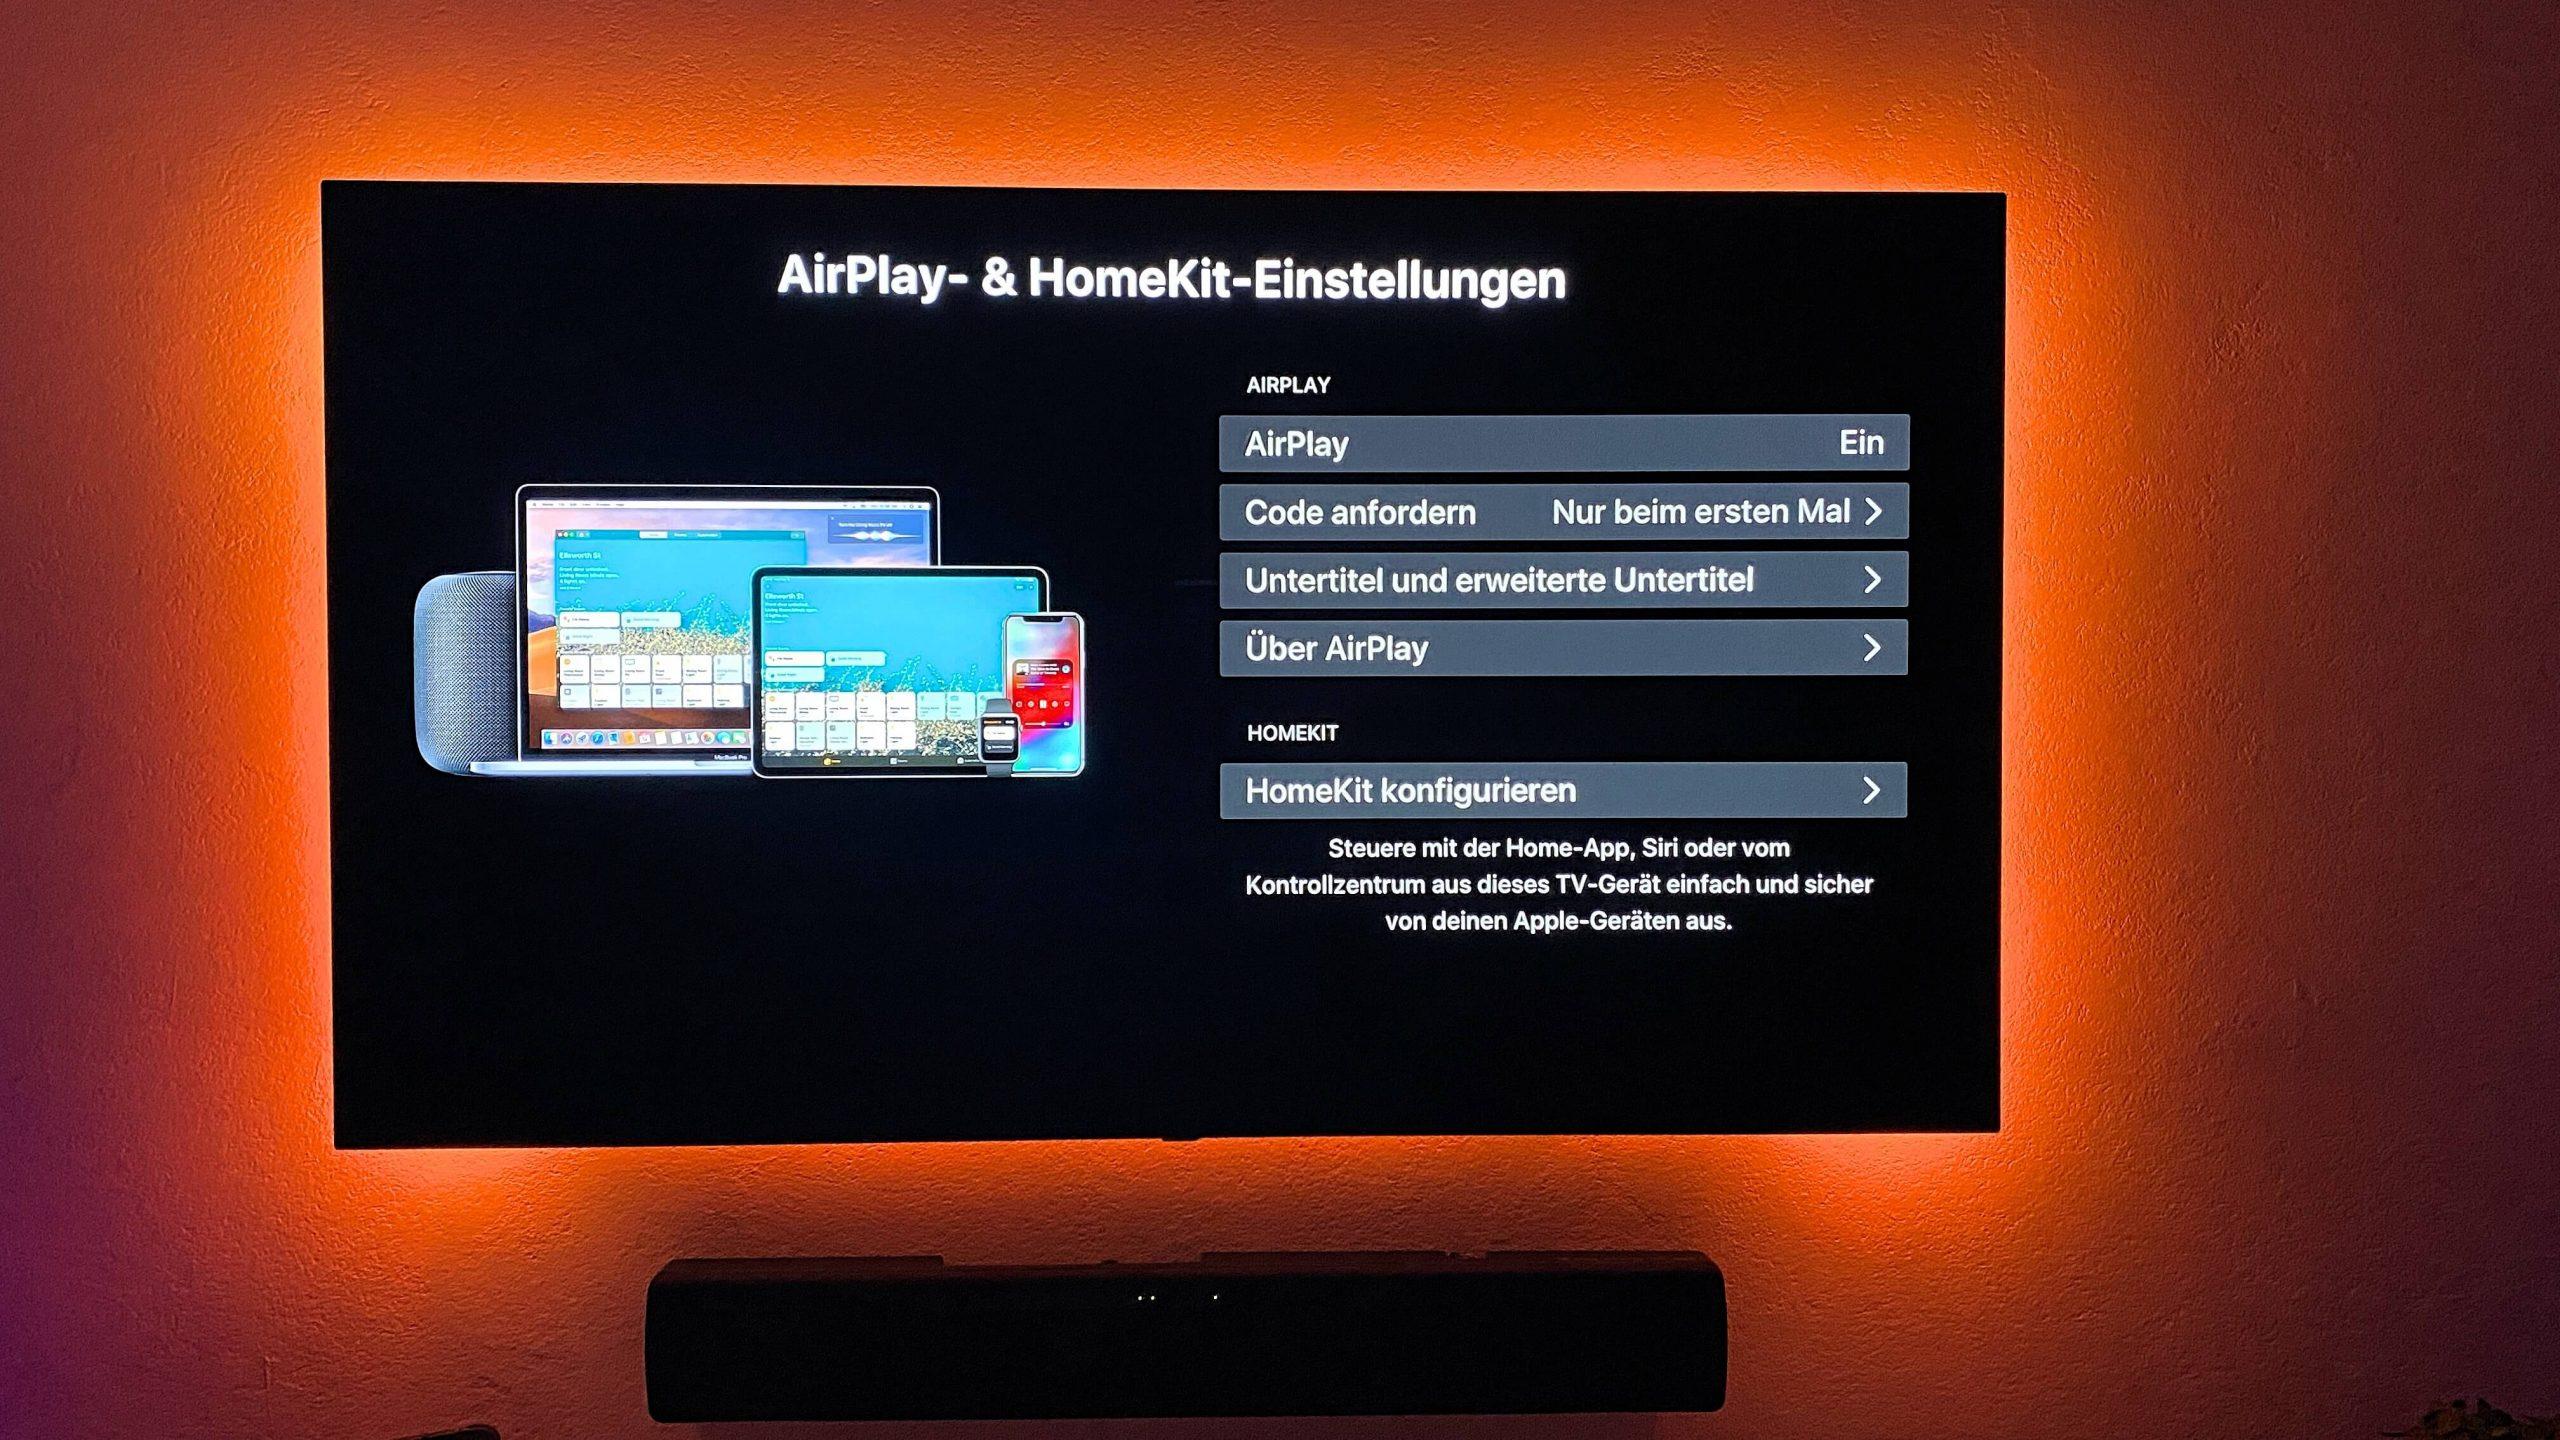 OLED65B97LA-von-LG-ein-OLED-TV-mit-Apple-HomeKit-und-AirPlay-26-scaled OLED65B97LA von LG - ein OLED-TV mit Apple HomeKit und AirPlay 2